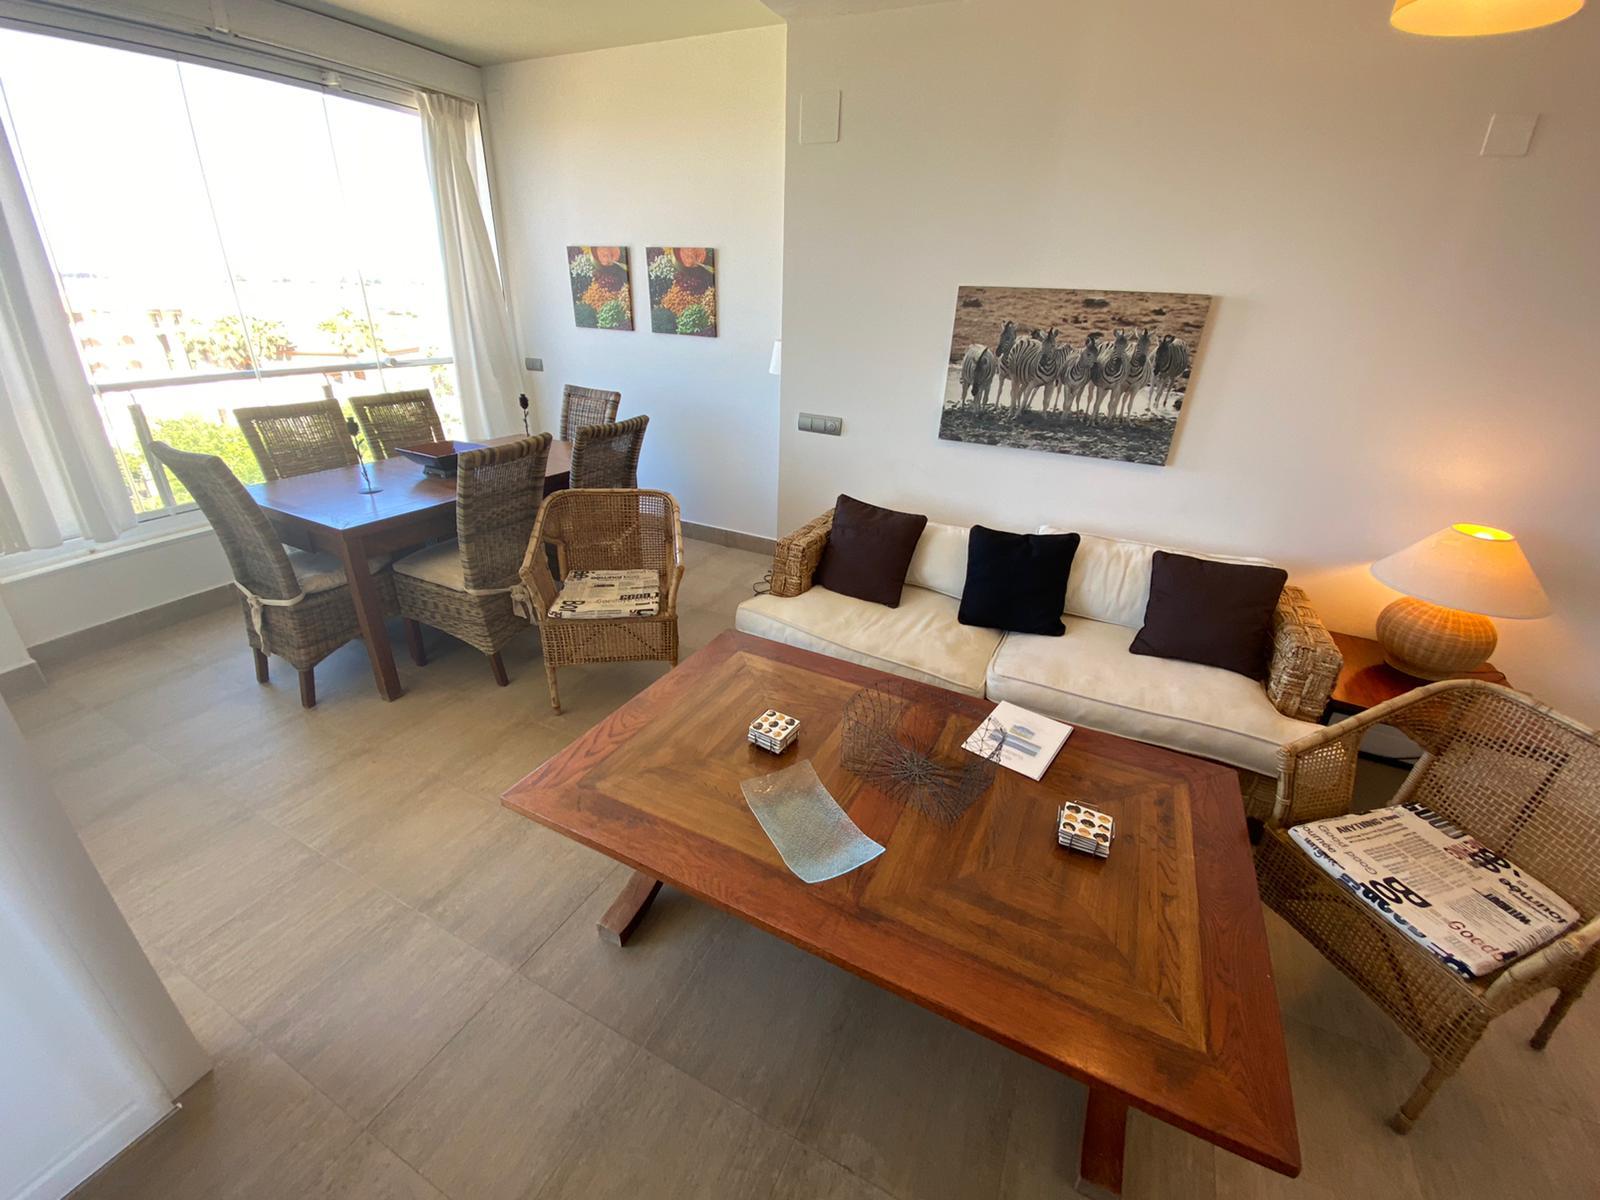 Imagen 3 del Apartamento Turístico, Ático 1 Poniente (3d+2b), Punta del Moral (HUELVA), Paseo de la Cruz nº22